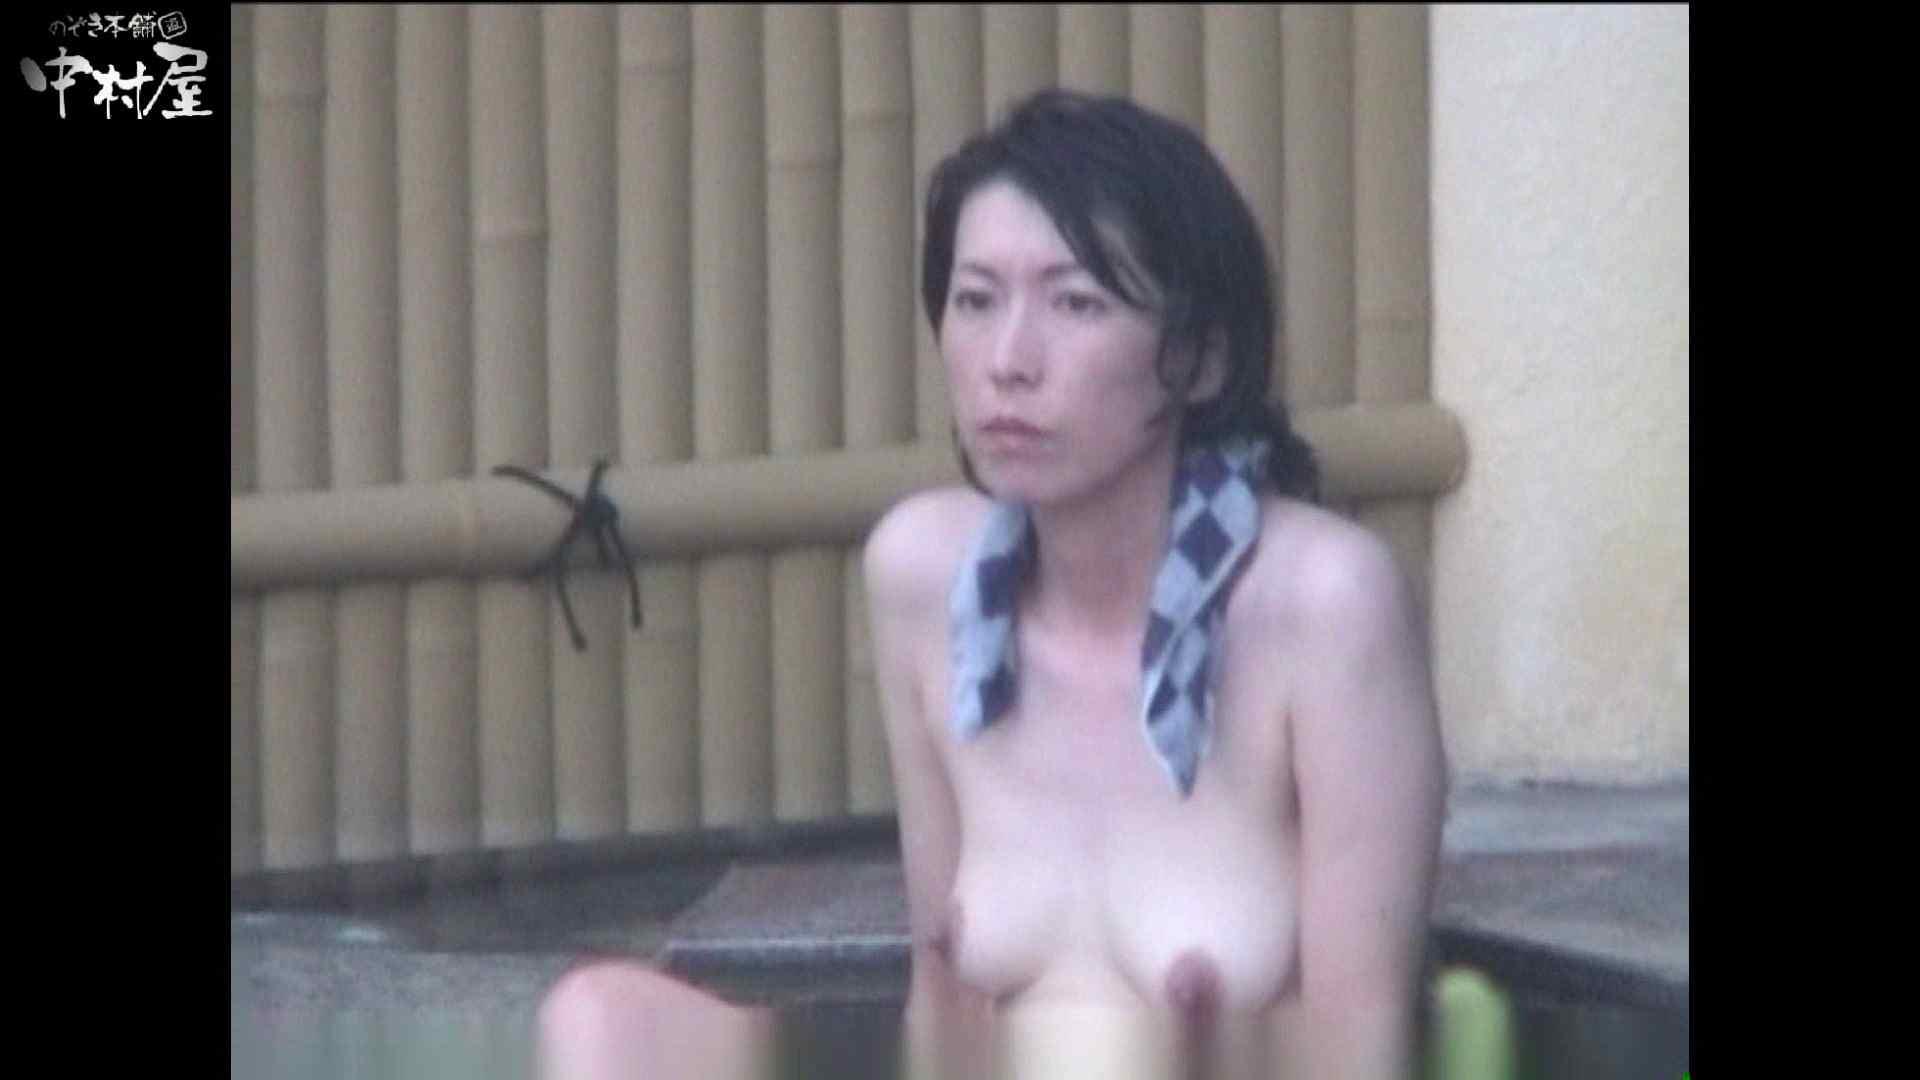 Aquaな露天風呂Vol.987 盗撮  71画像 21